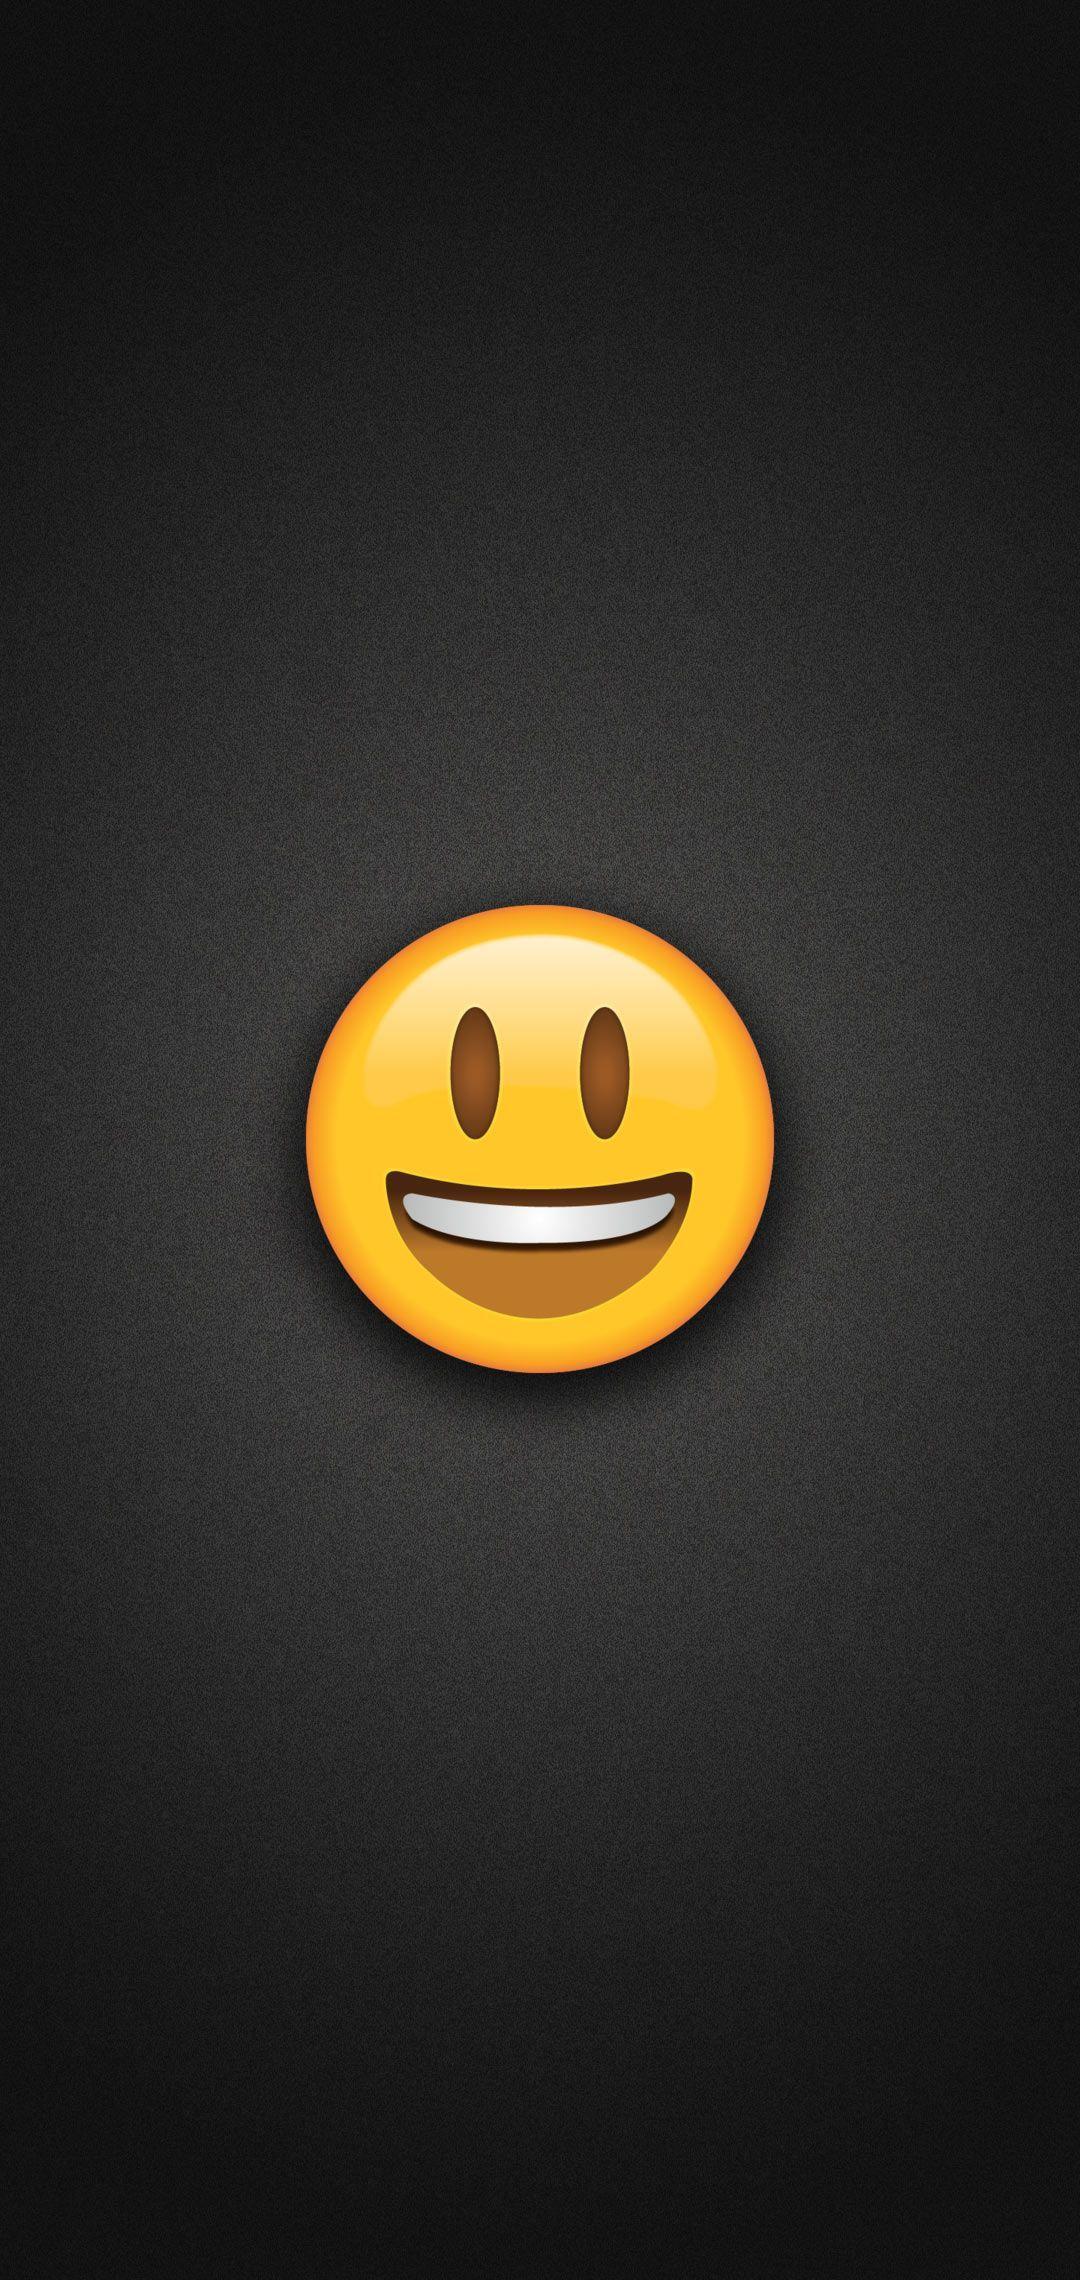 Laughing Emoji Wallpapers - Top Free Laughing Emoji ...